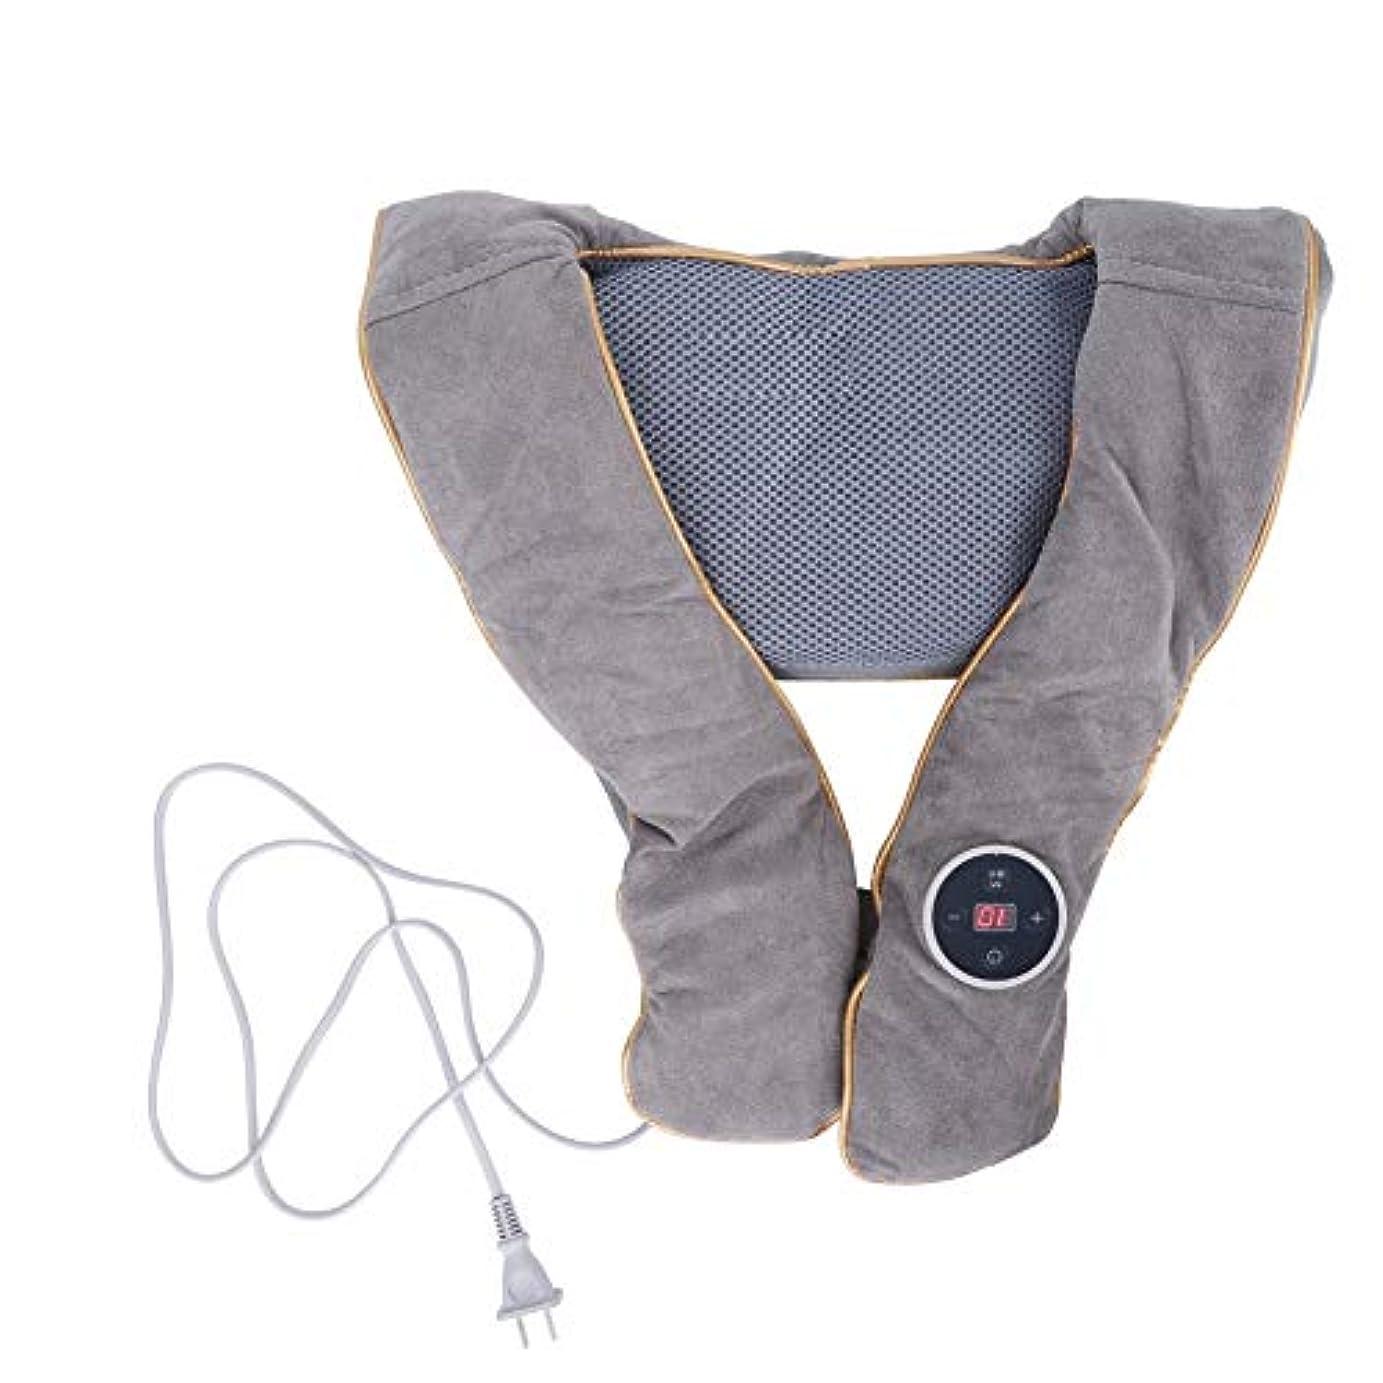 オアシス定説ガイダンス首肩マッサージャー枕ショール、加熱指圧バックマッサージ機ディープニーディングティッシュマッサージ用筋肉痛テンションケア